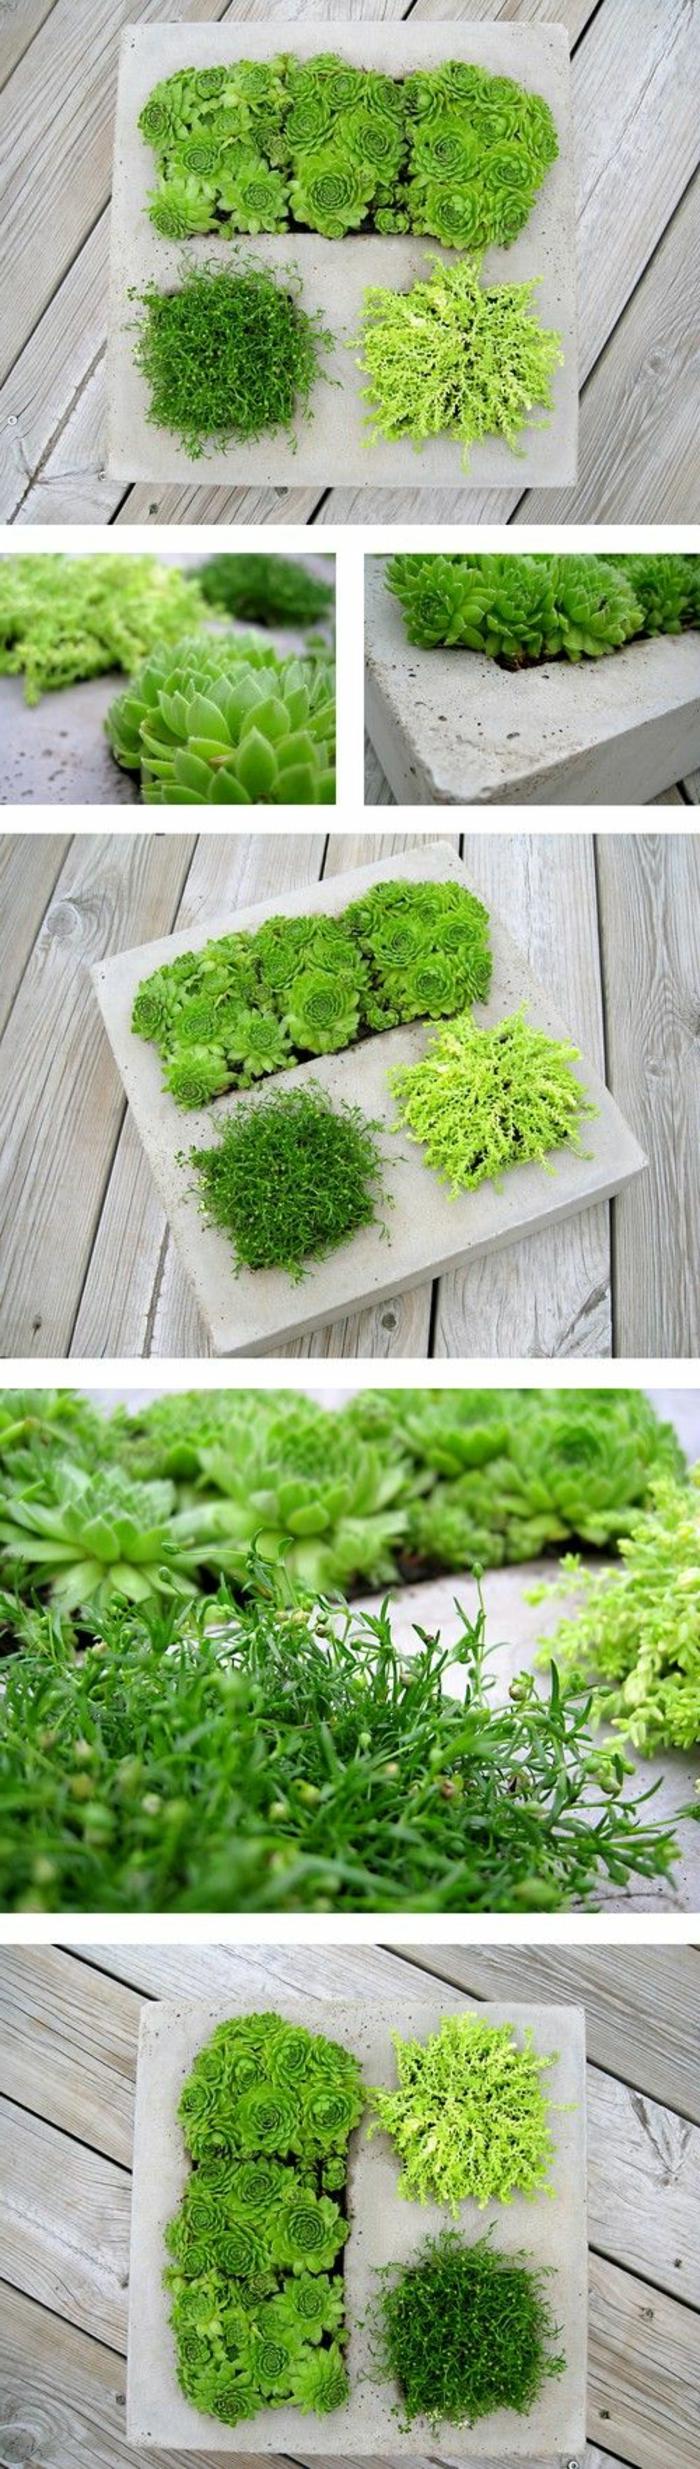 außergewöhnliche-deko-eine-grüne-komposition-aus-verschiedenen-pflanzen